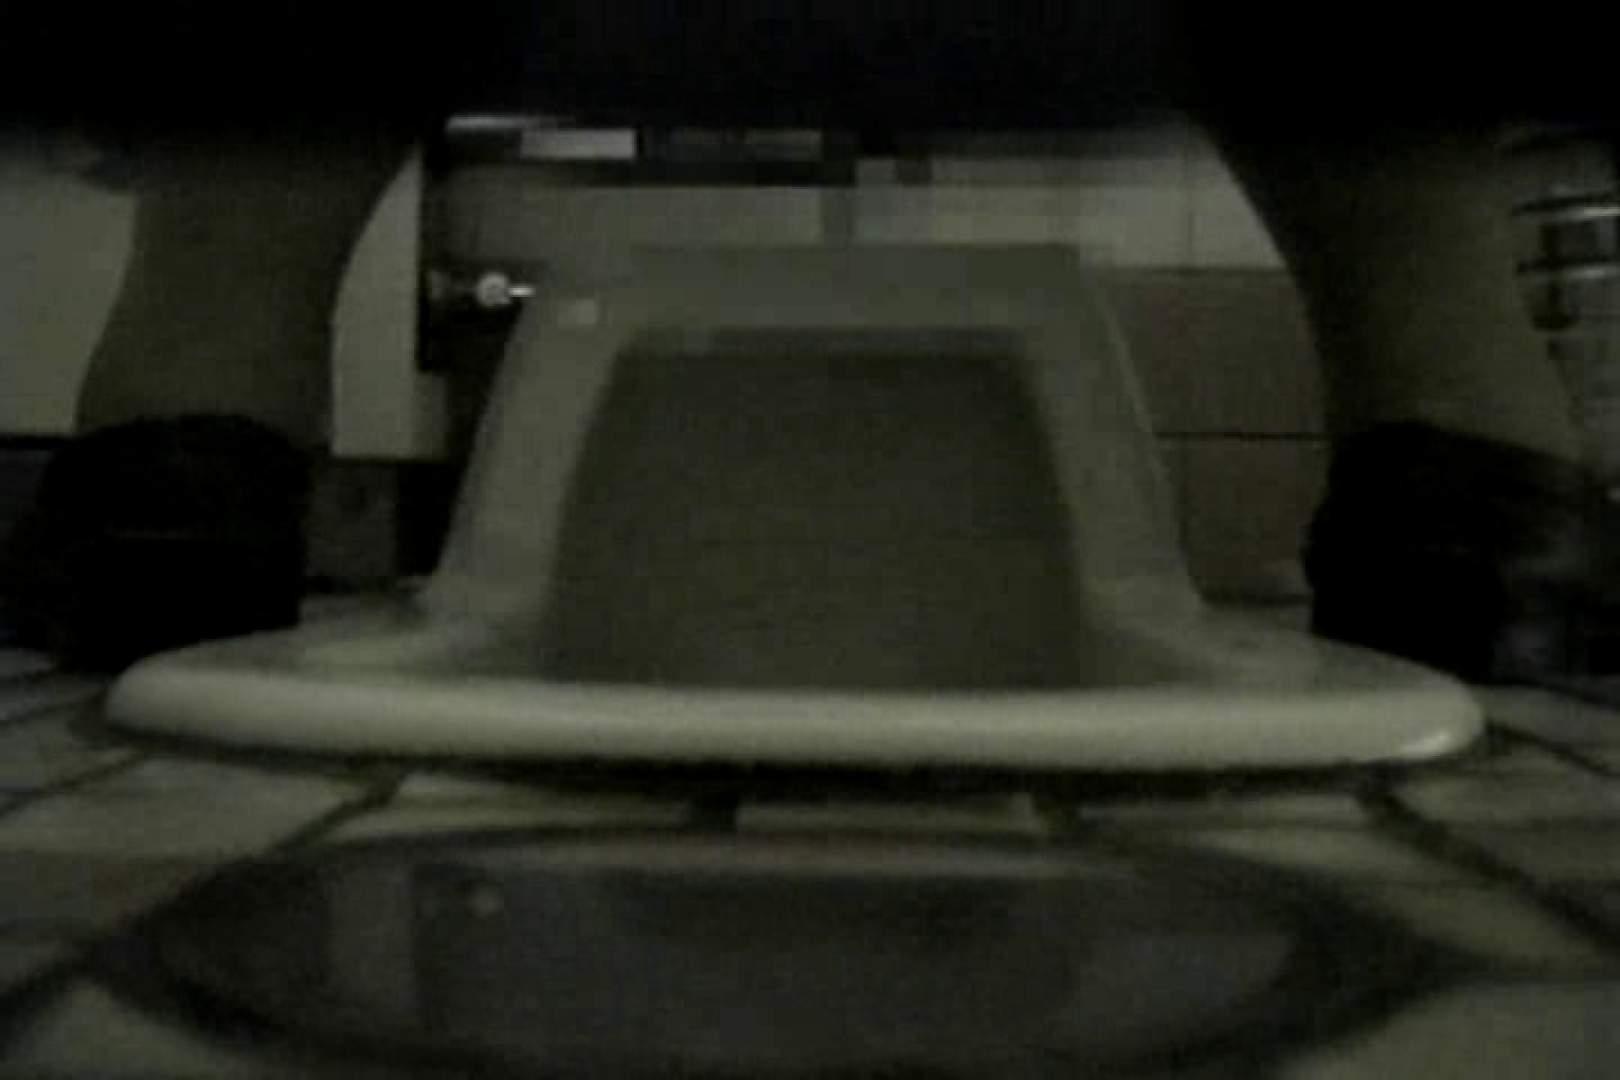 ボディコントイレで出す 投稿盗撮 TK-33 盗撮  110PIX 40